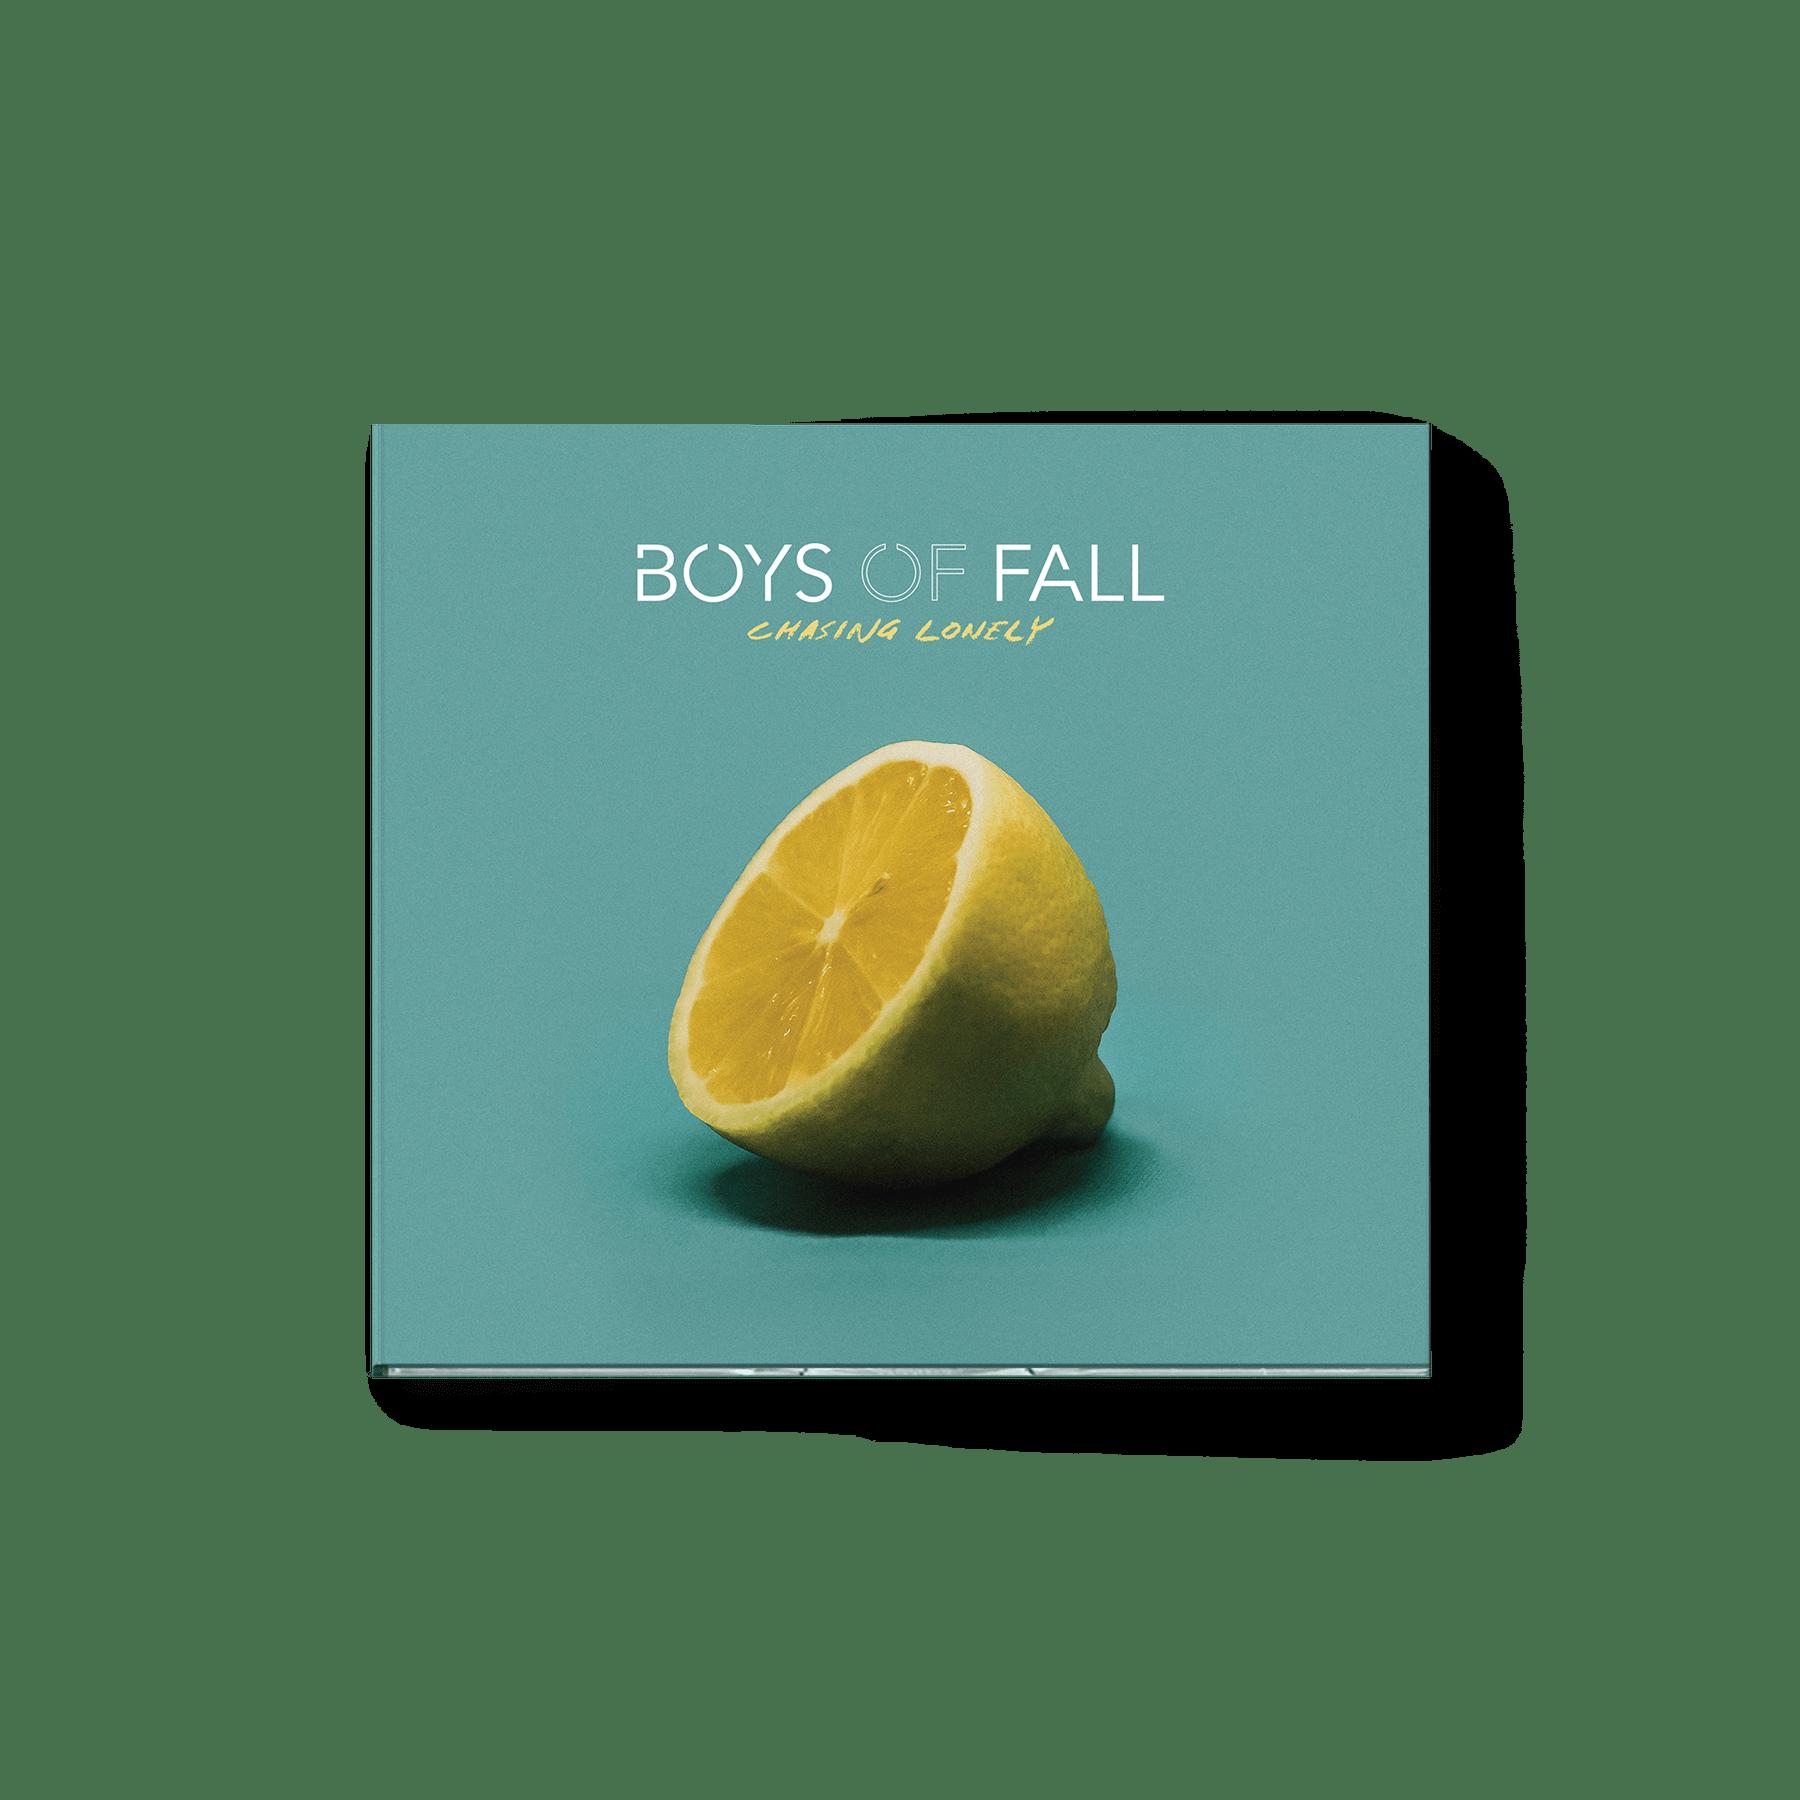 BOYSOFFALL-CL-00-TRANS.png